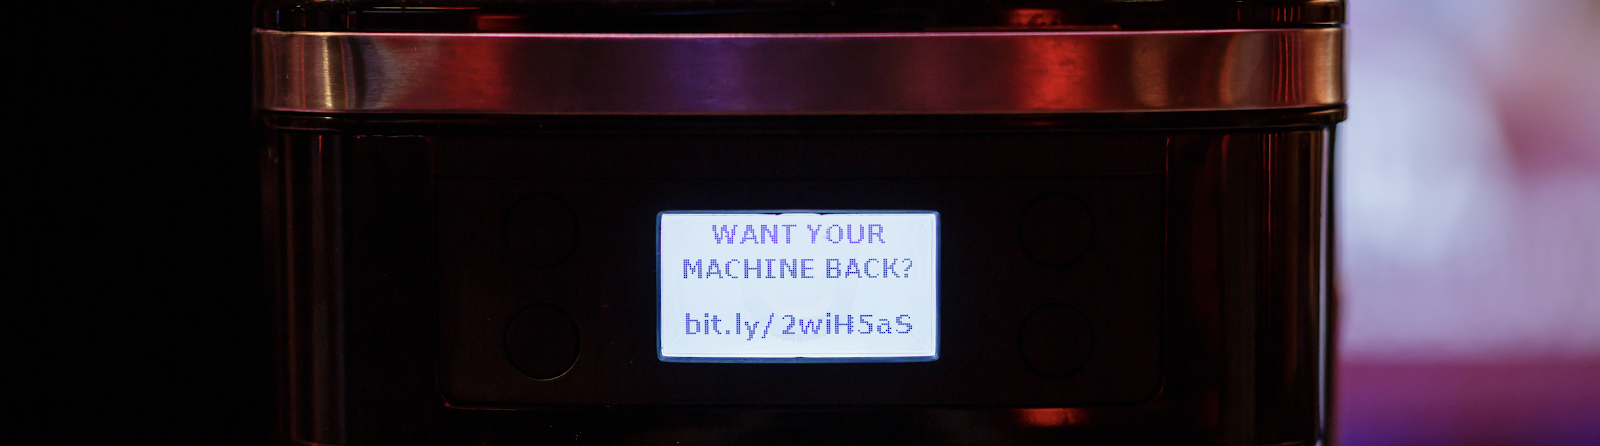 Martin Hron logró simular el secuestro digital de la cafetera Smarter. Foto: Decoded